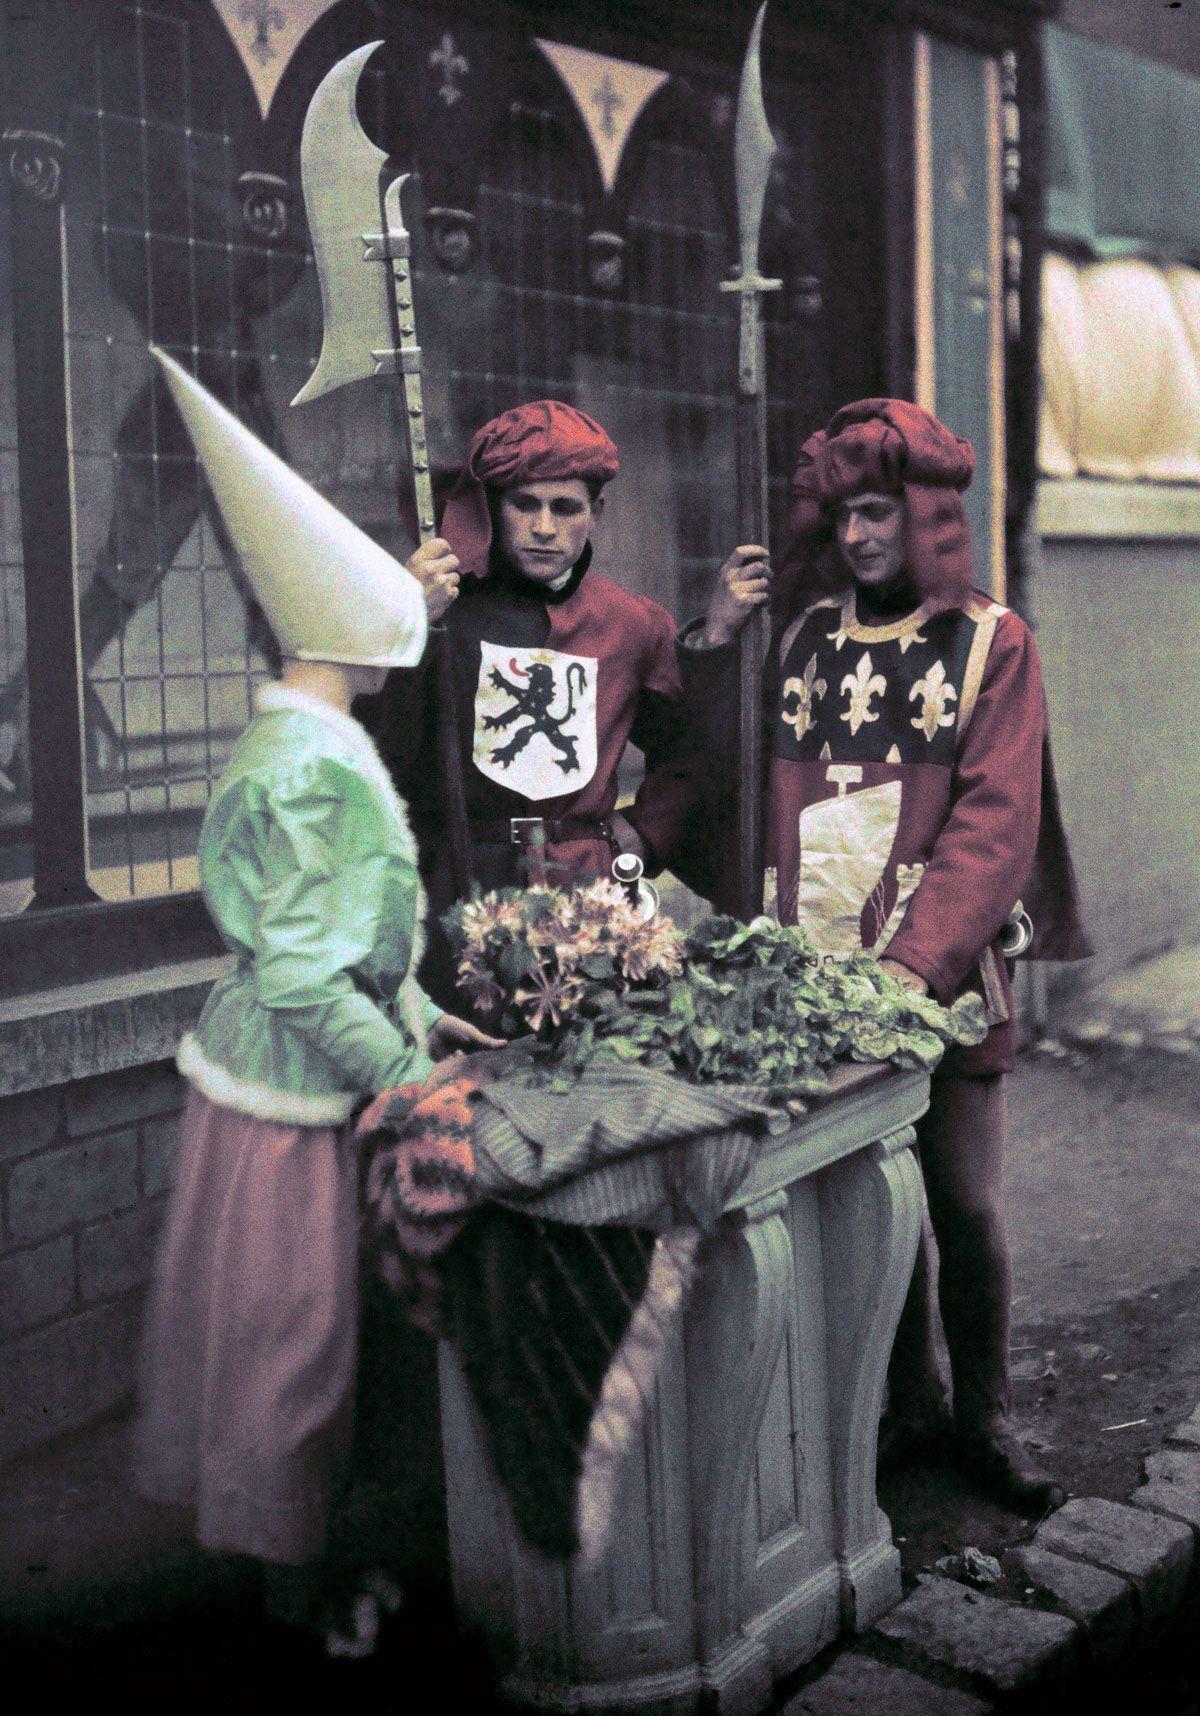 Este festival de 1936 de Joana d'Arc tinha cosplays muito bons inclusive para a atualidade 11